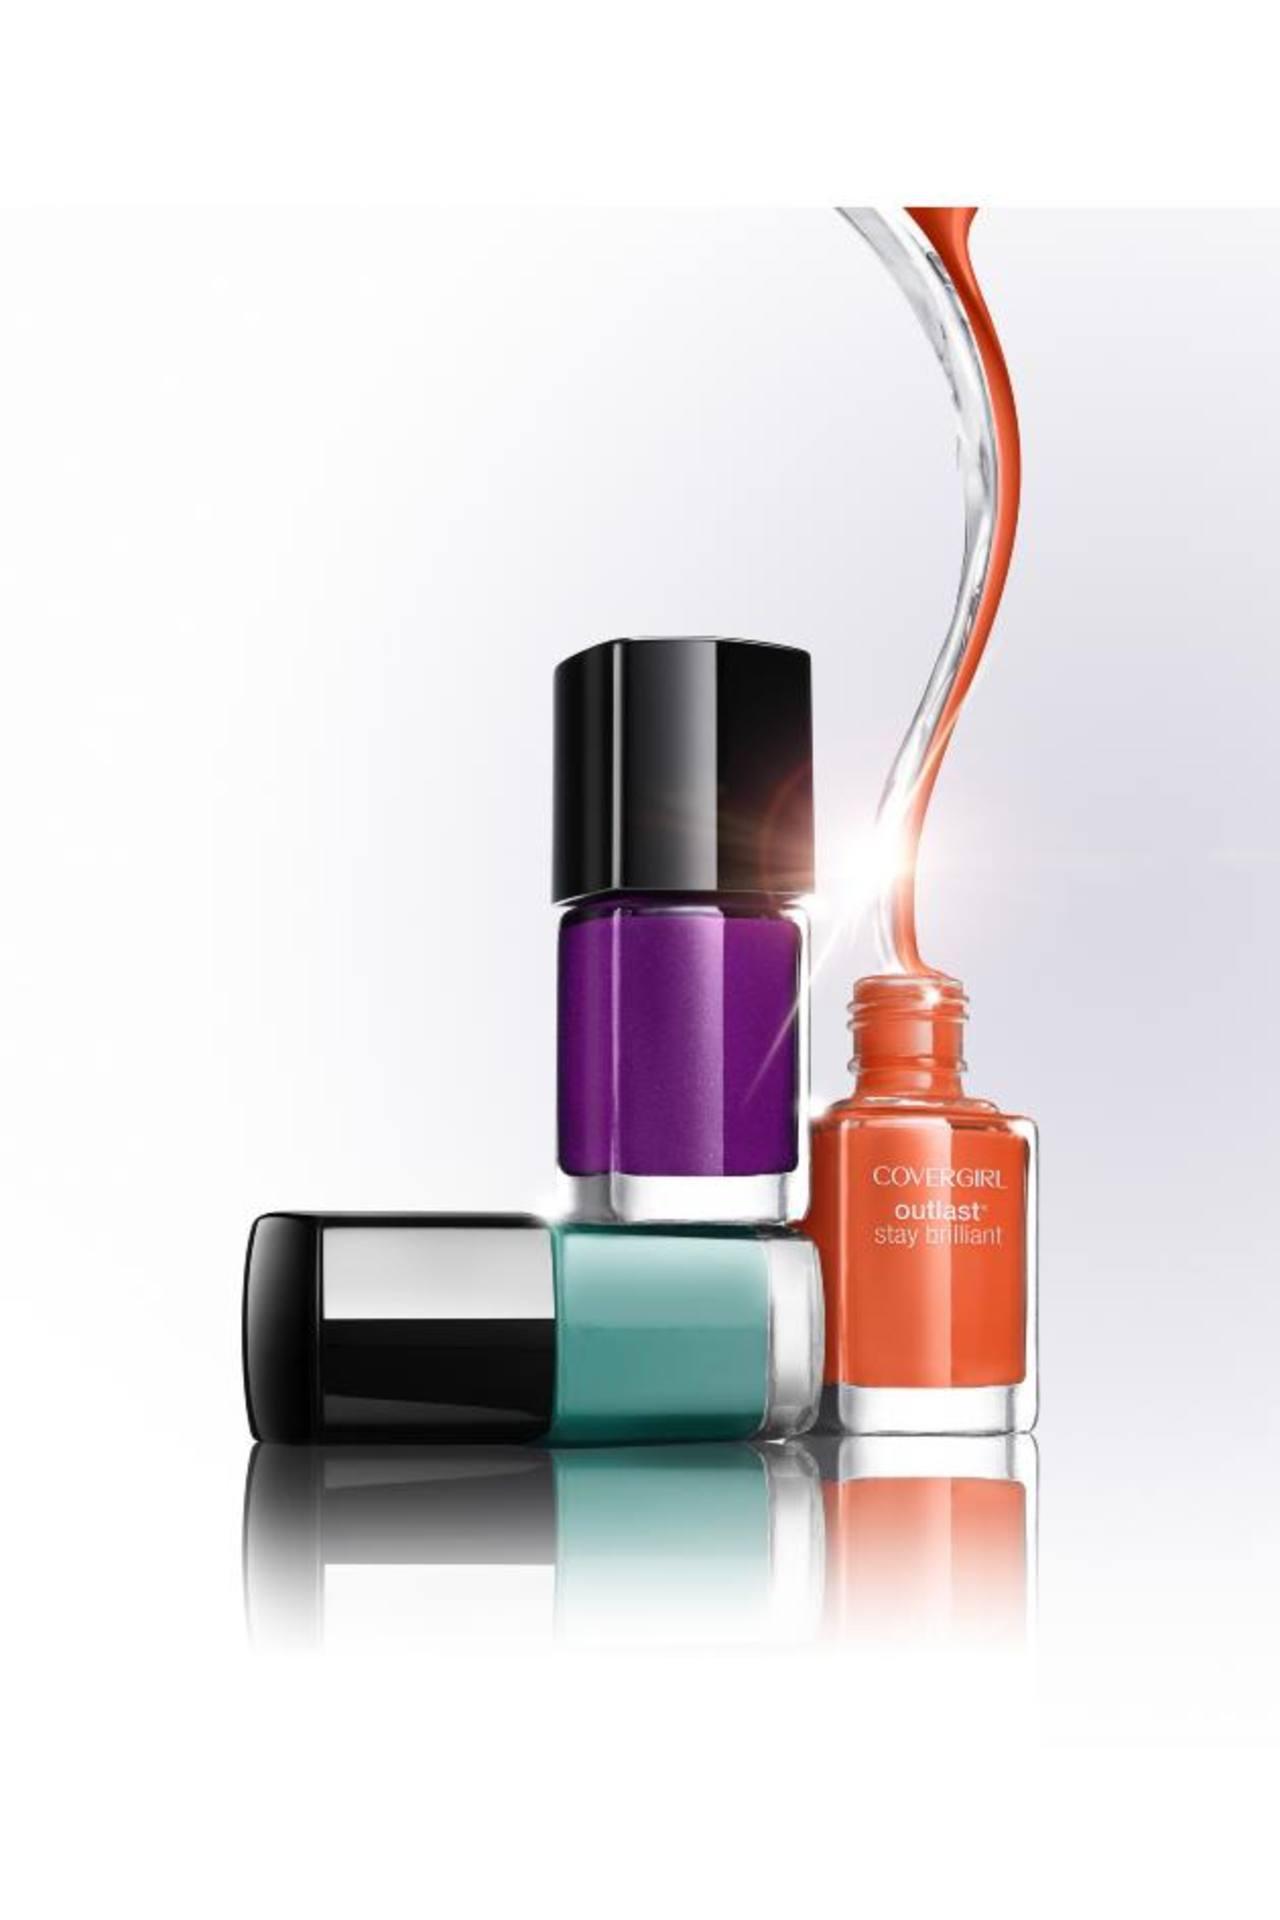 Los colores vibrantes son partes de esta colección que le hará lucir superfresca. foto edh / Cortesía